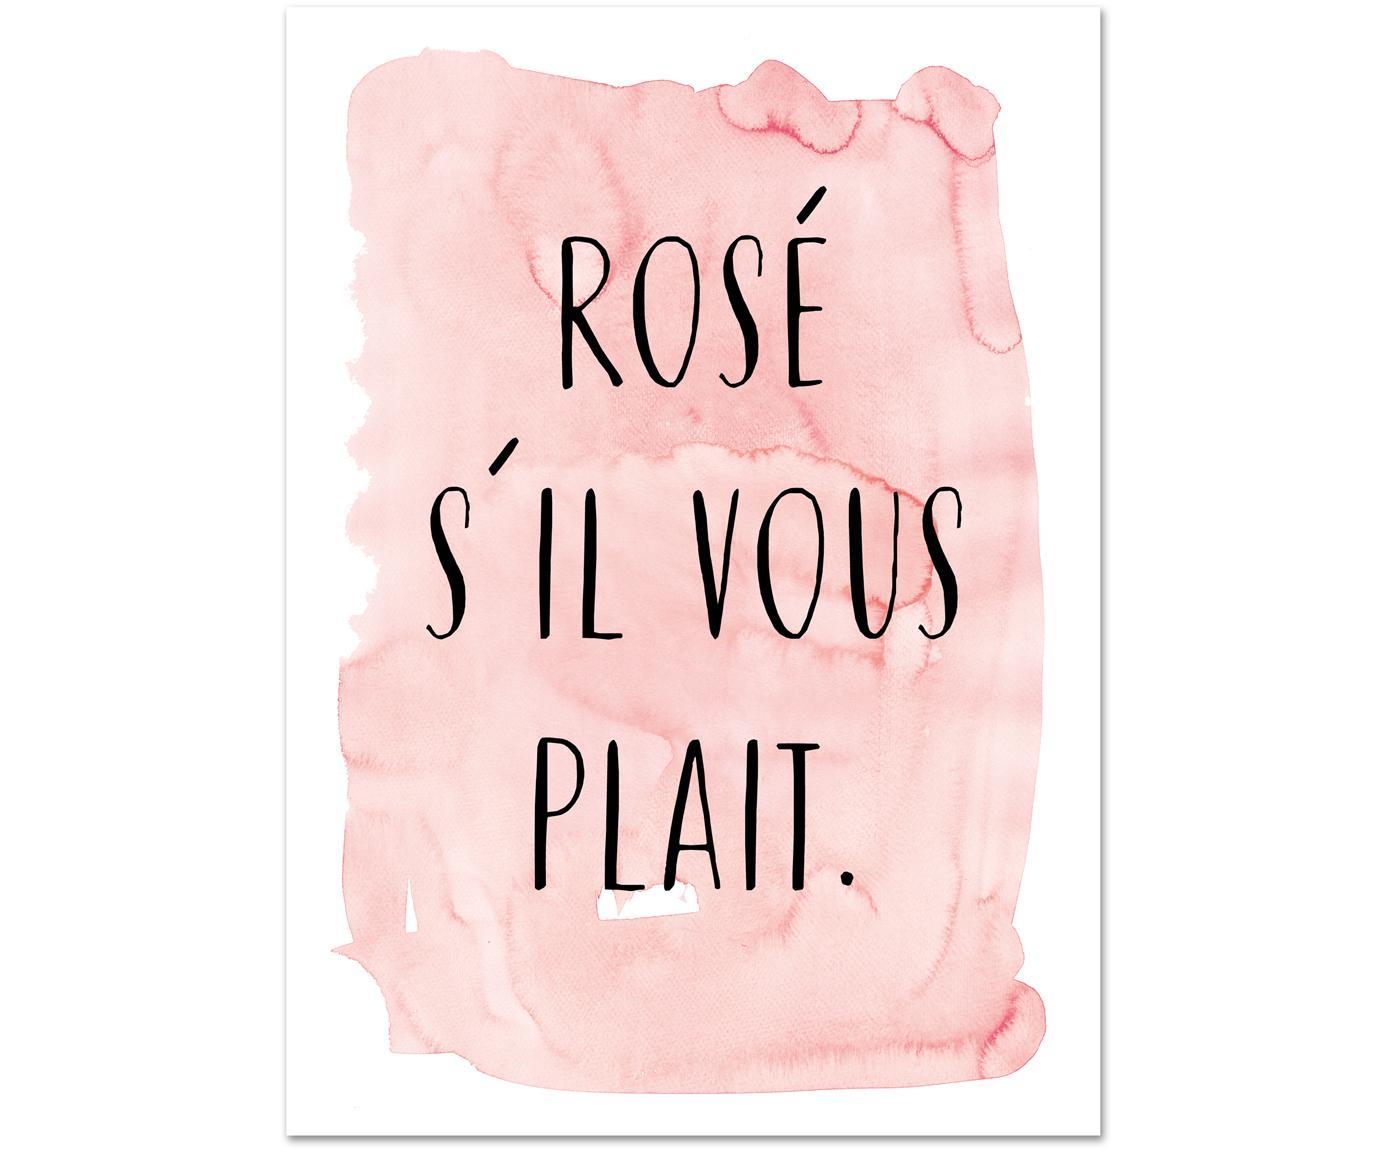 Poster S'il Vous Plait, Stampa digitale su carta, 200 g/m², Rosa, nero, bianco, Larg. 21 x Alt. 30 cm